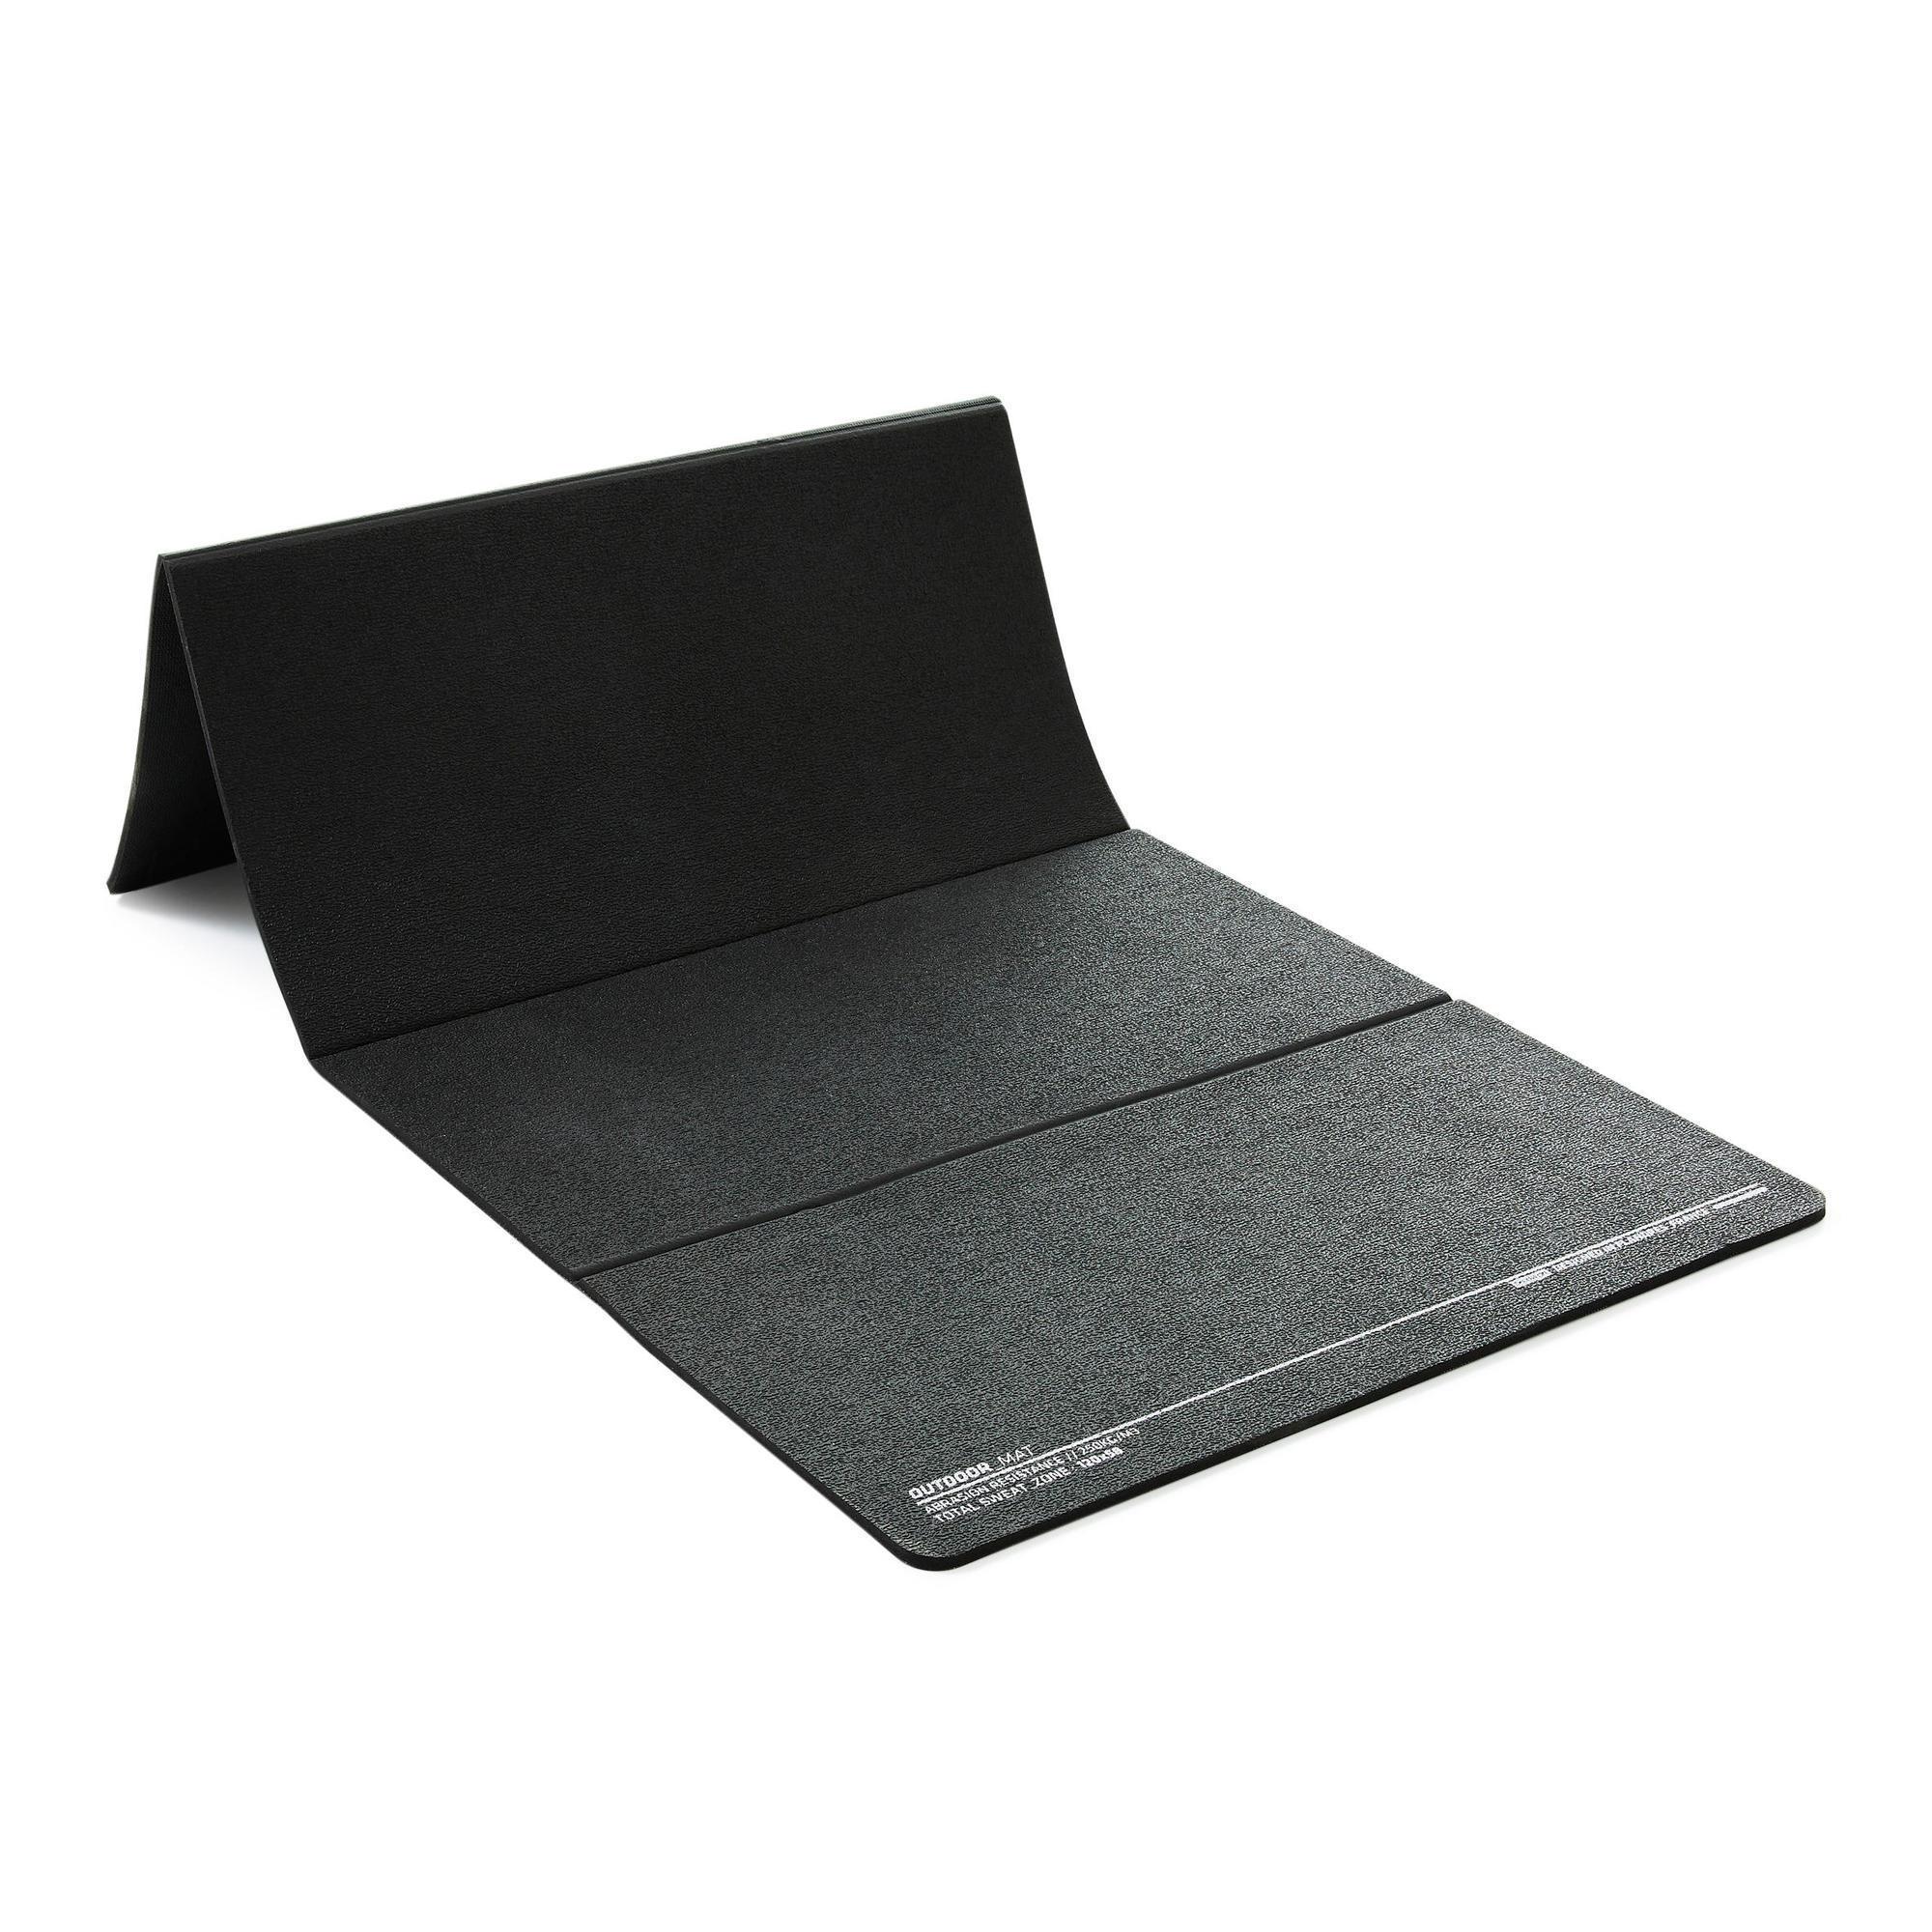 tapis de fitness pliable usage interieur et exterieur